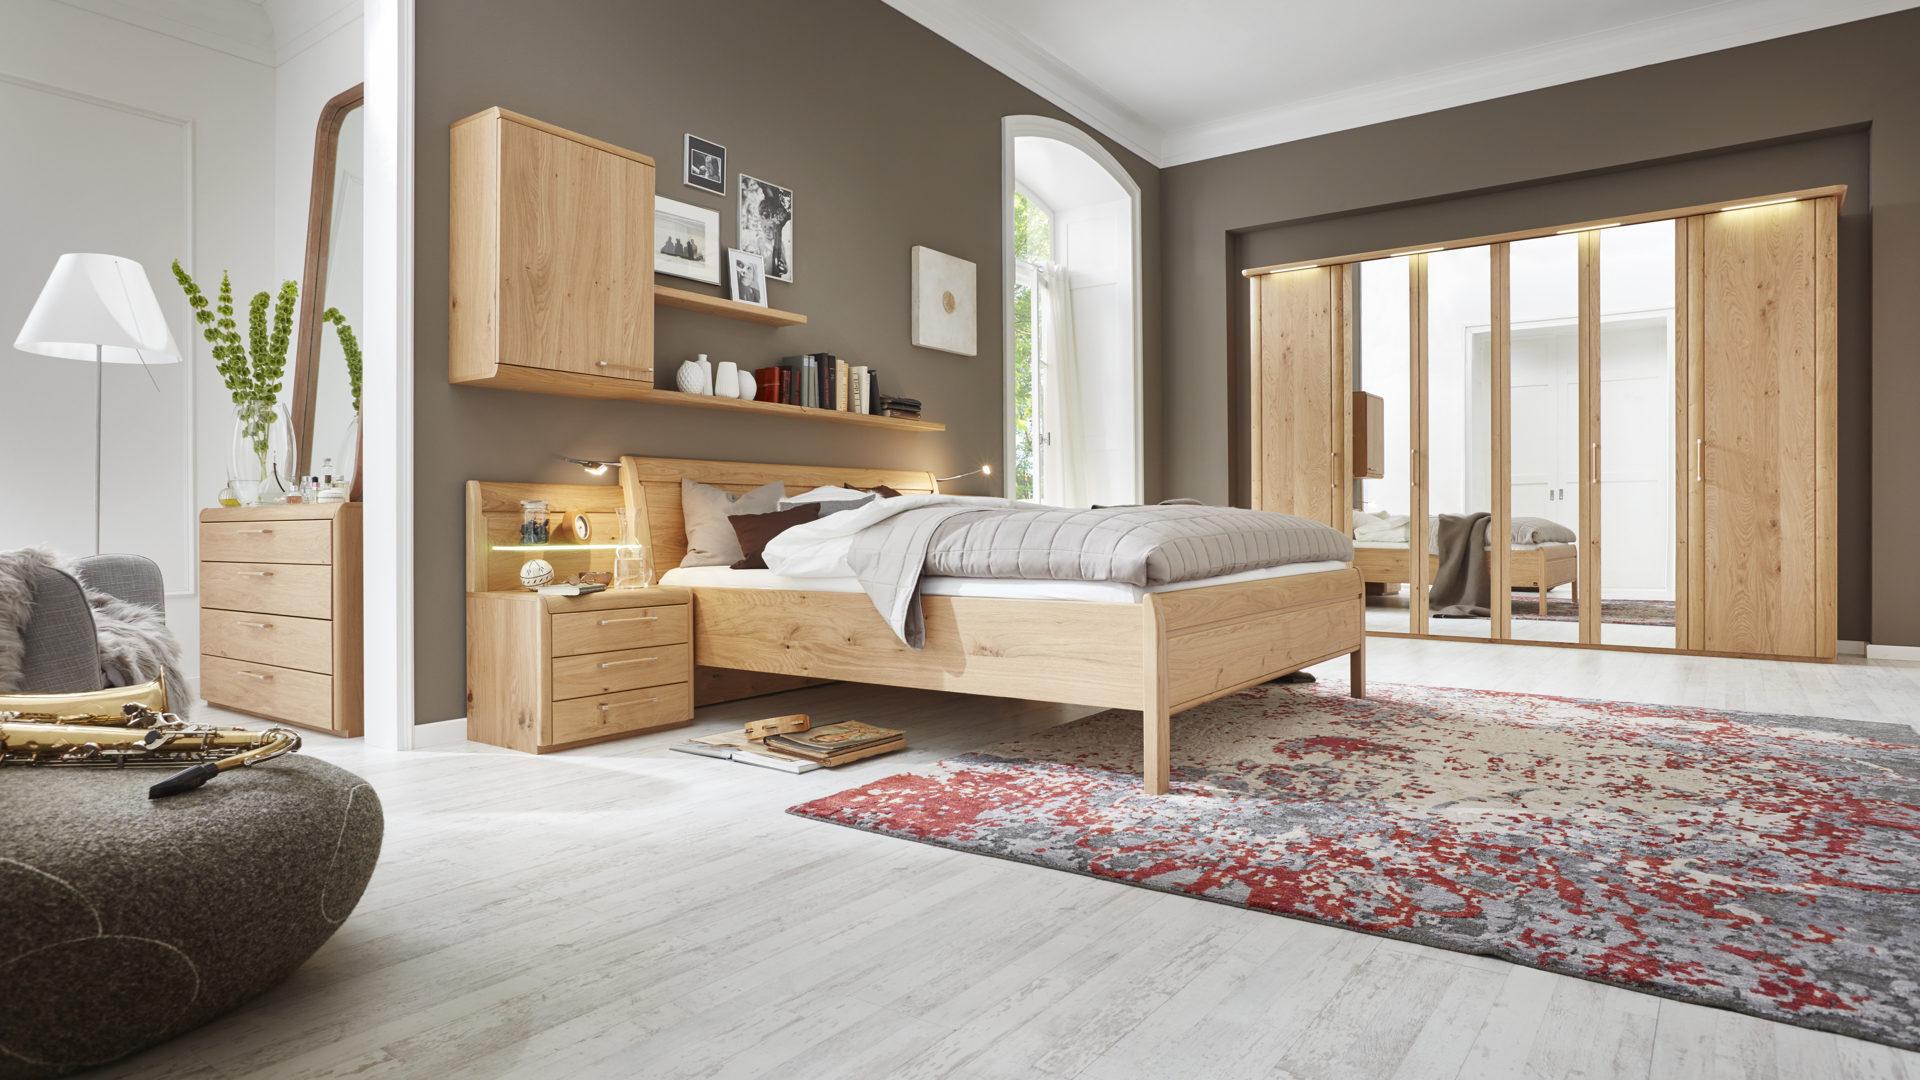 Interliving Schlafzimmer Serie 1001 – Schlafzimmerkombination, Bad ...